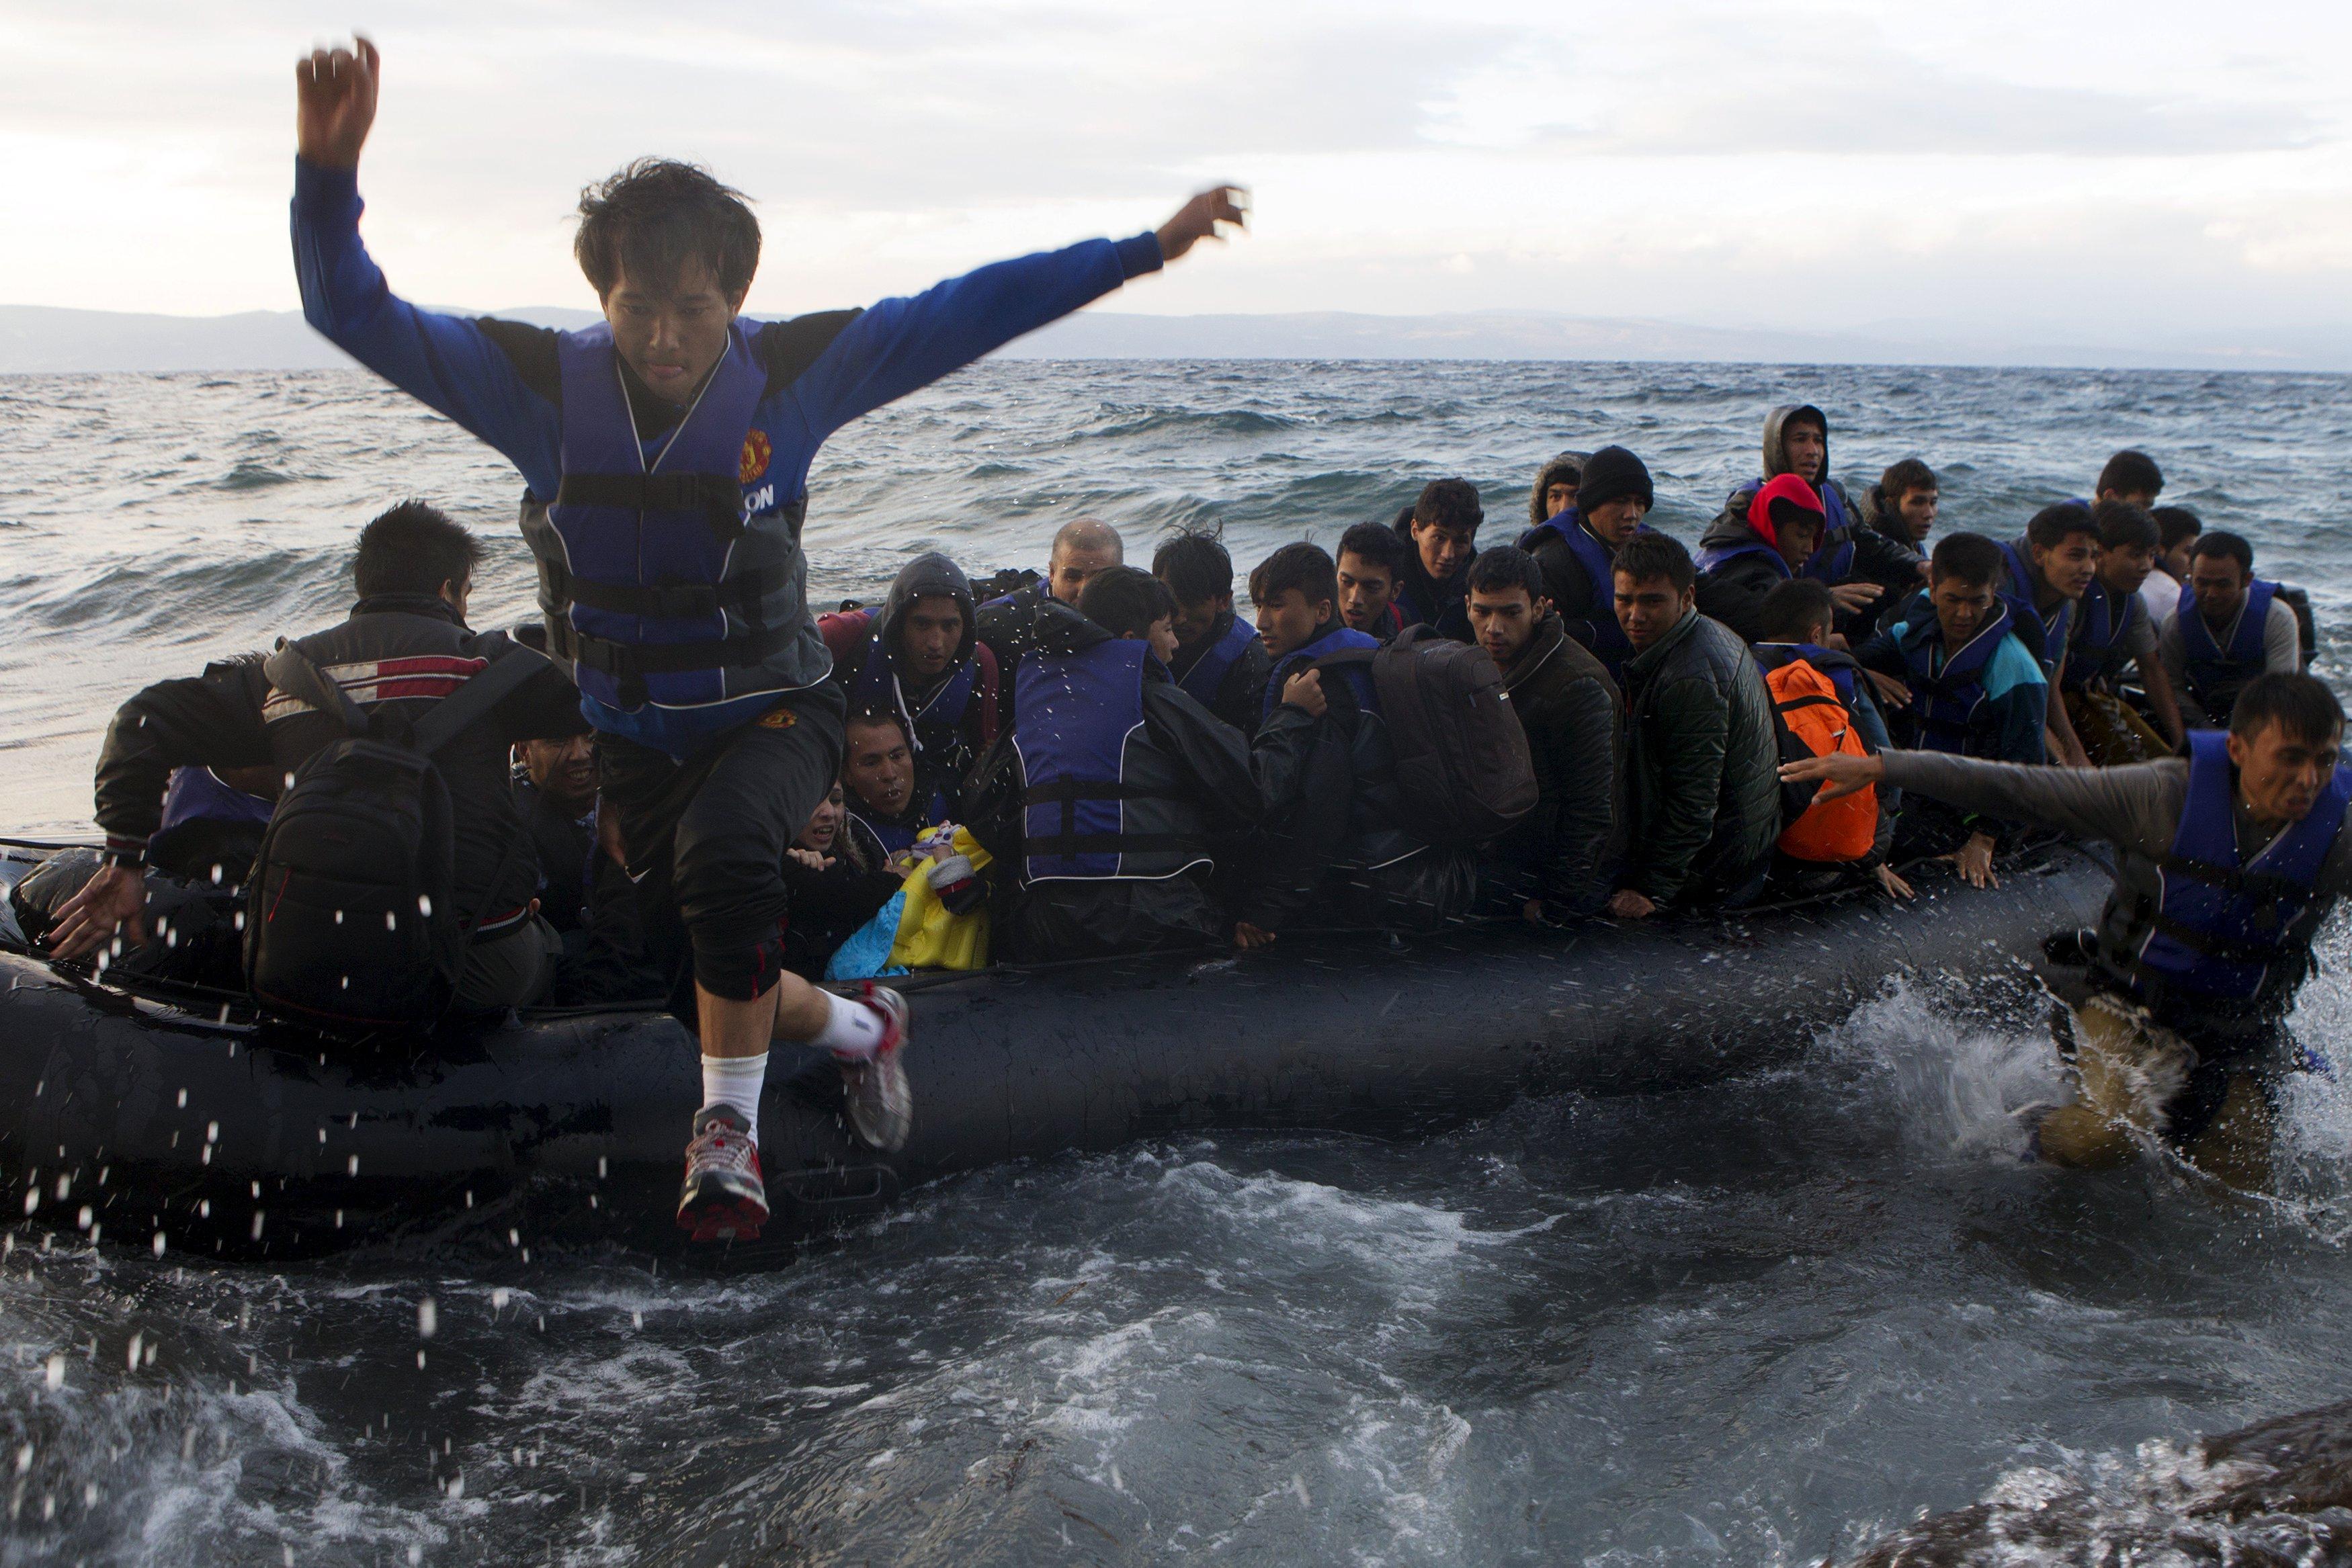 Αποτέλεσμα εικόνας για μεταναστων φωτο